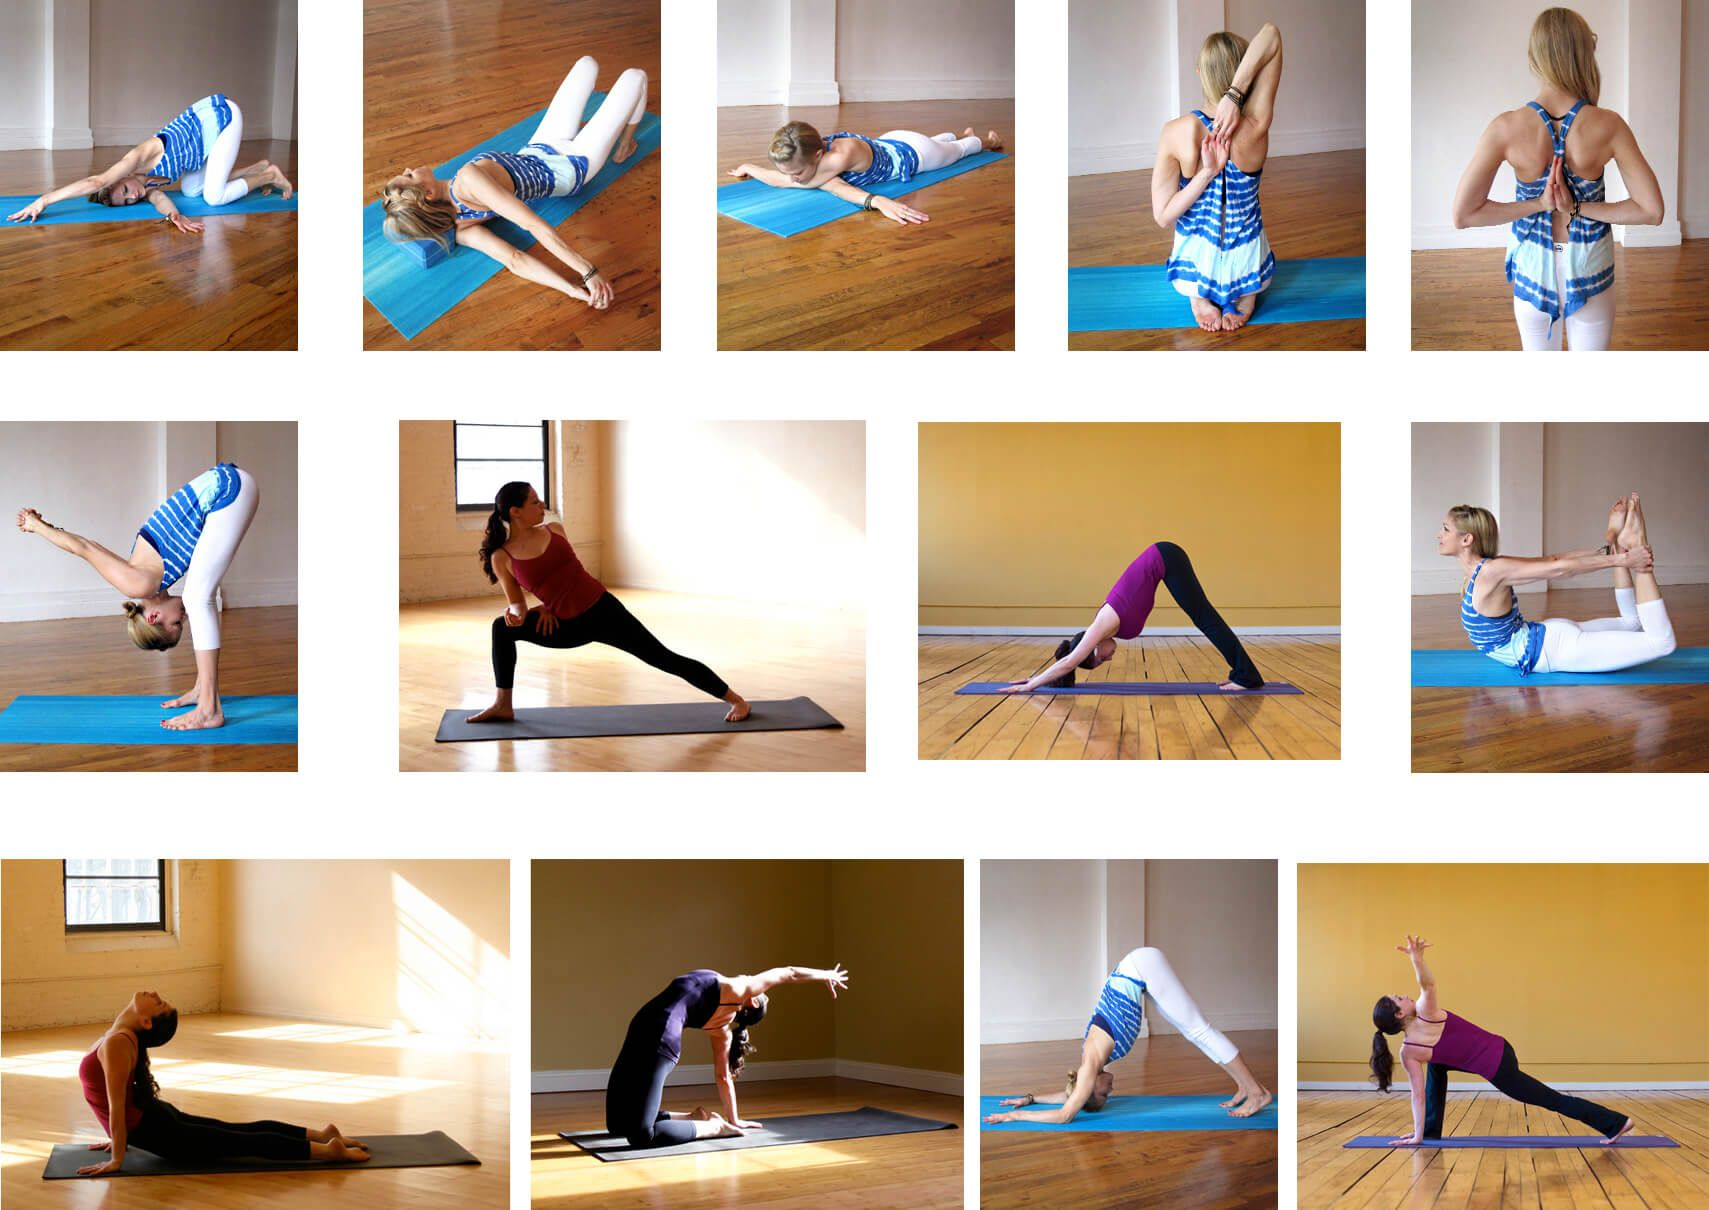 Йога При Похудении. Йога для похудения за 3 простых шага: быстрый результат